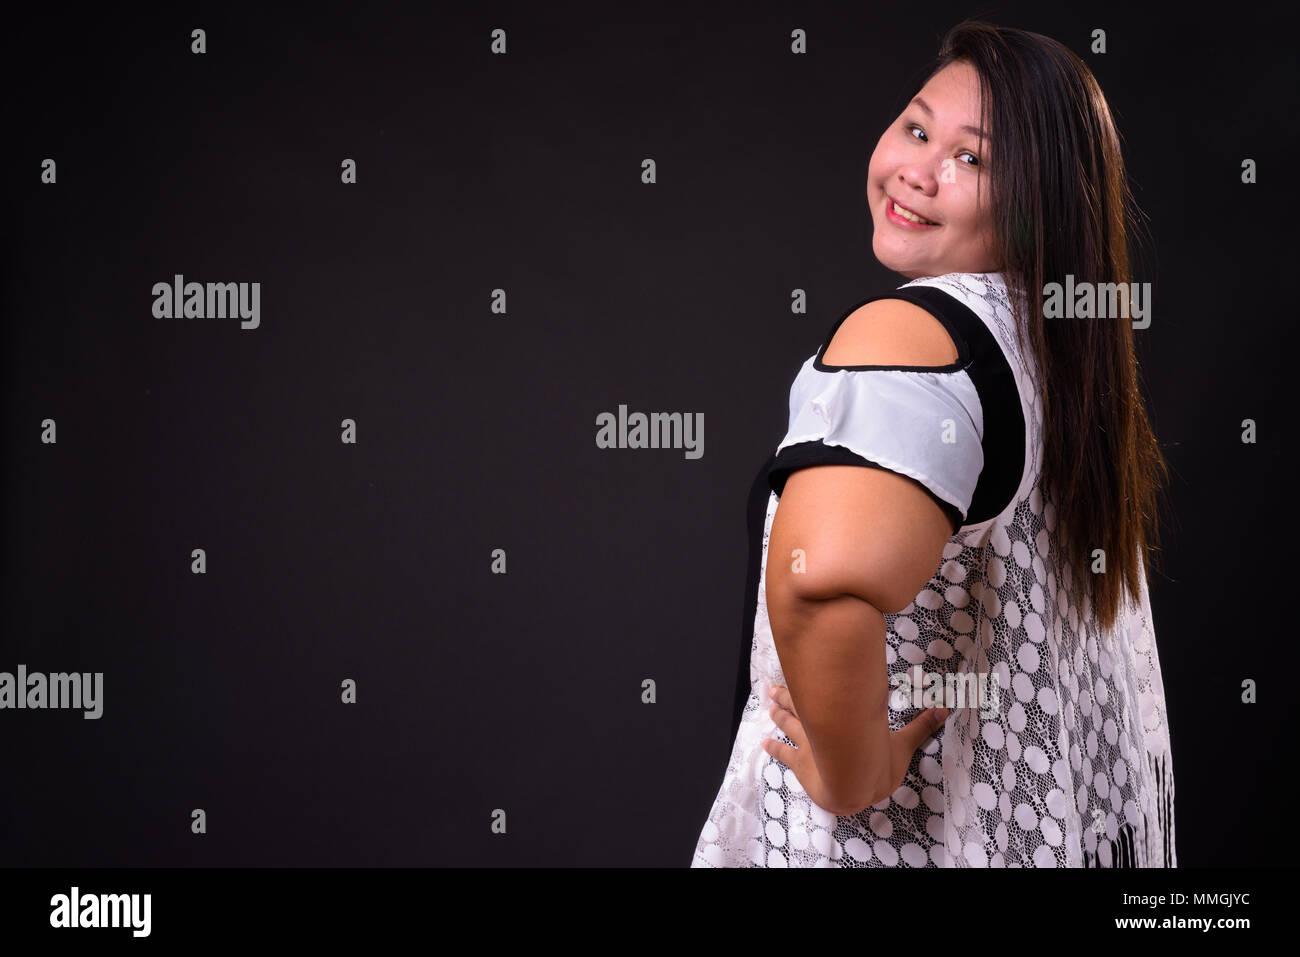 Asiatische frauen, die fette amerikanische männer suchen reddit